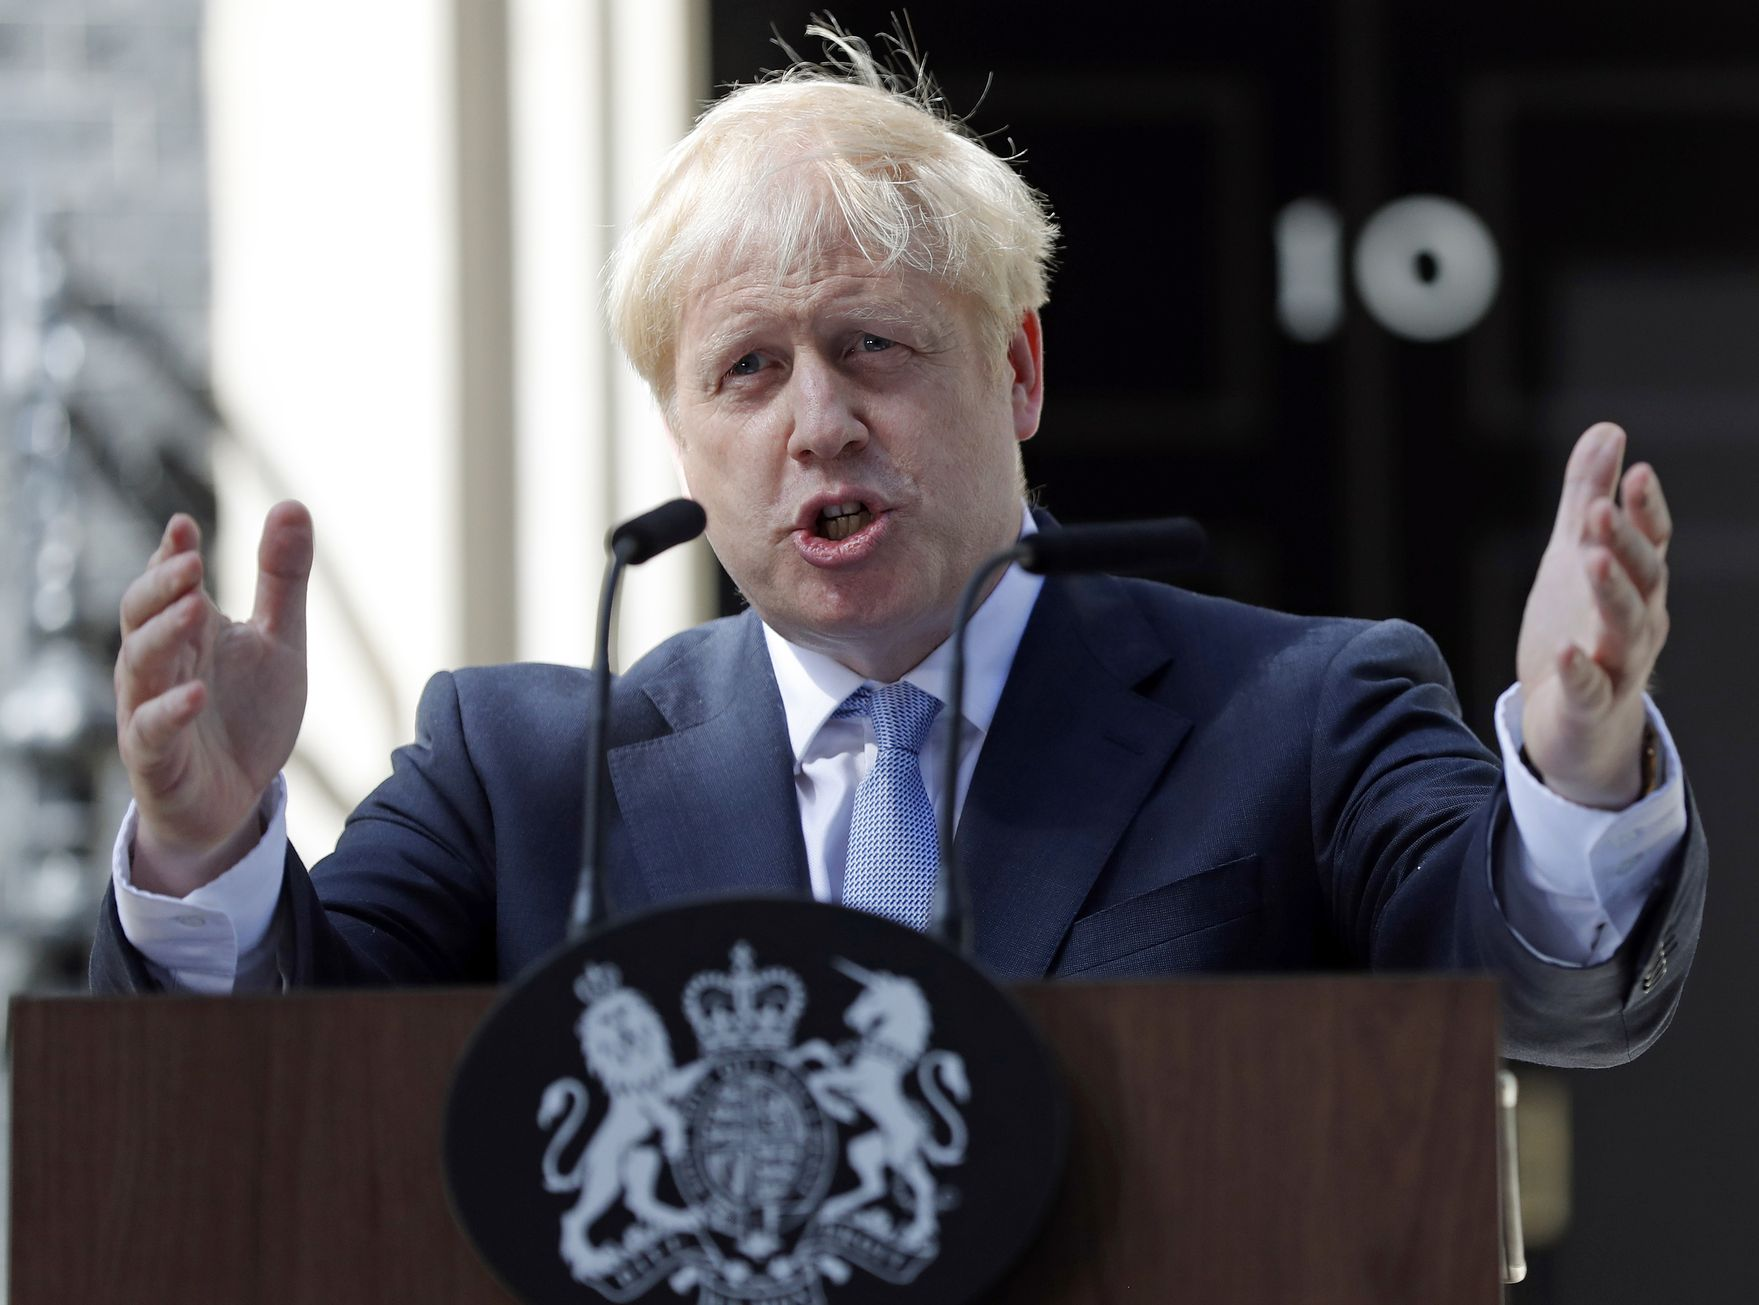 過半數受訪者支持約翰遜應採用「任何途徑」帶領英國脫離歐盟。AP